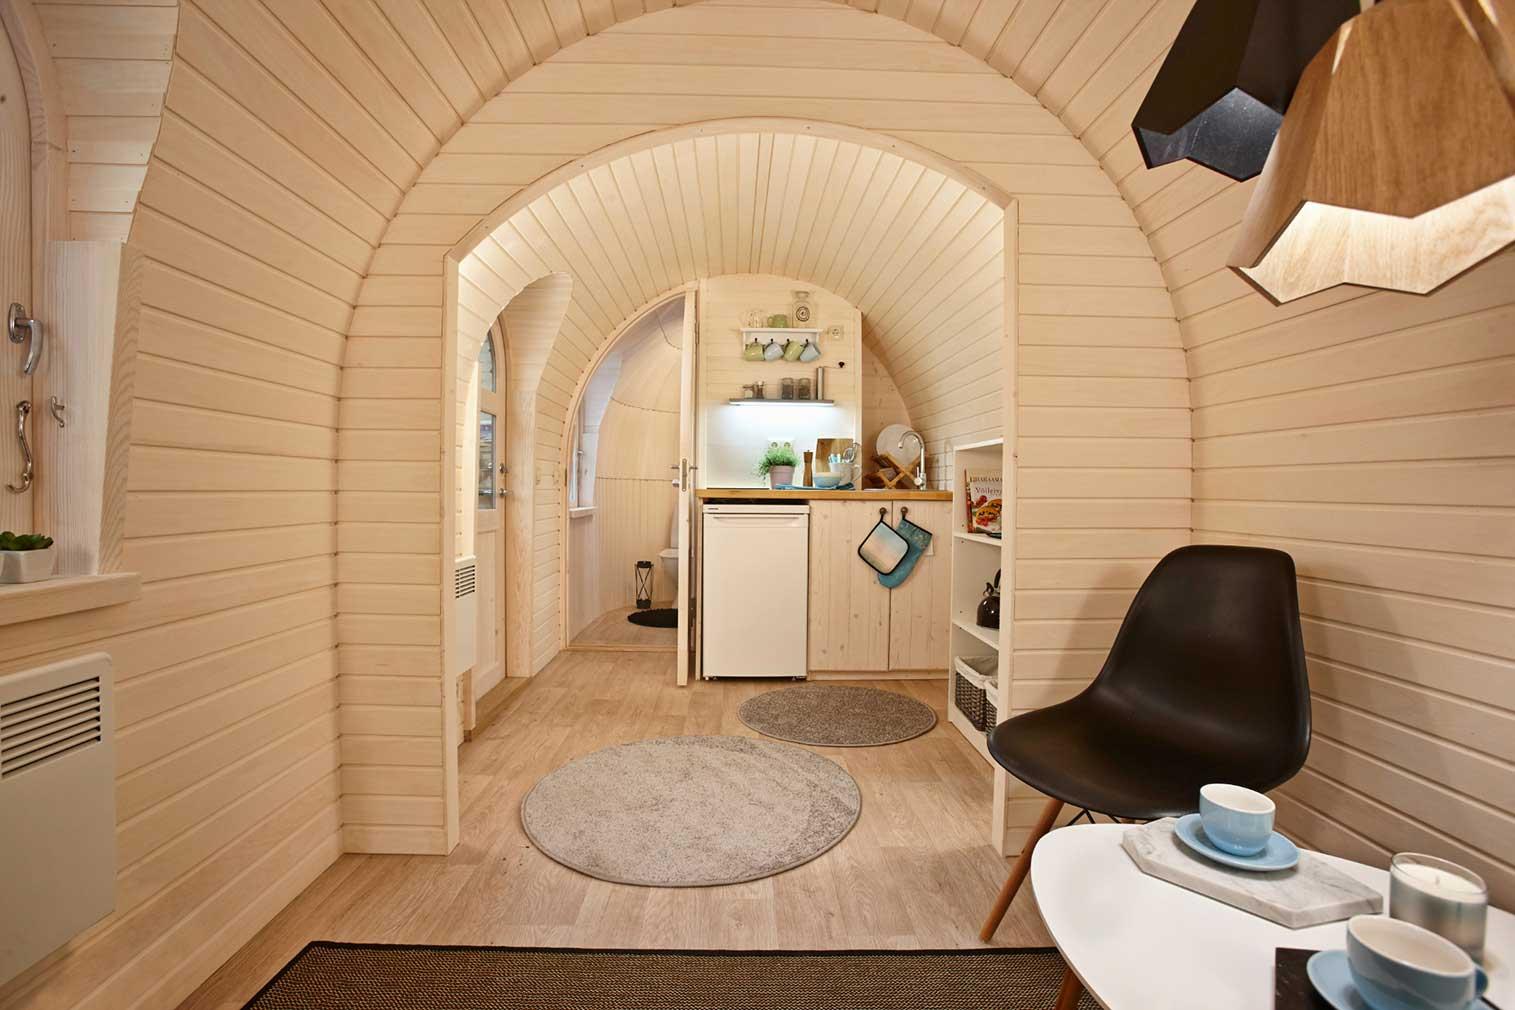 Diese Holz-Iglus sind ziemlich stylische Tiny Homes iglucraft_holz-iglu_05